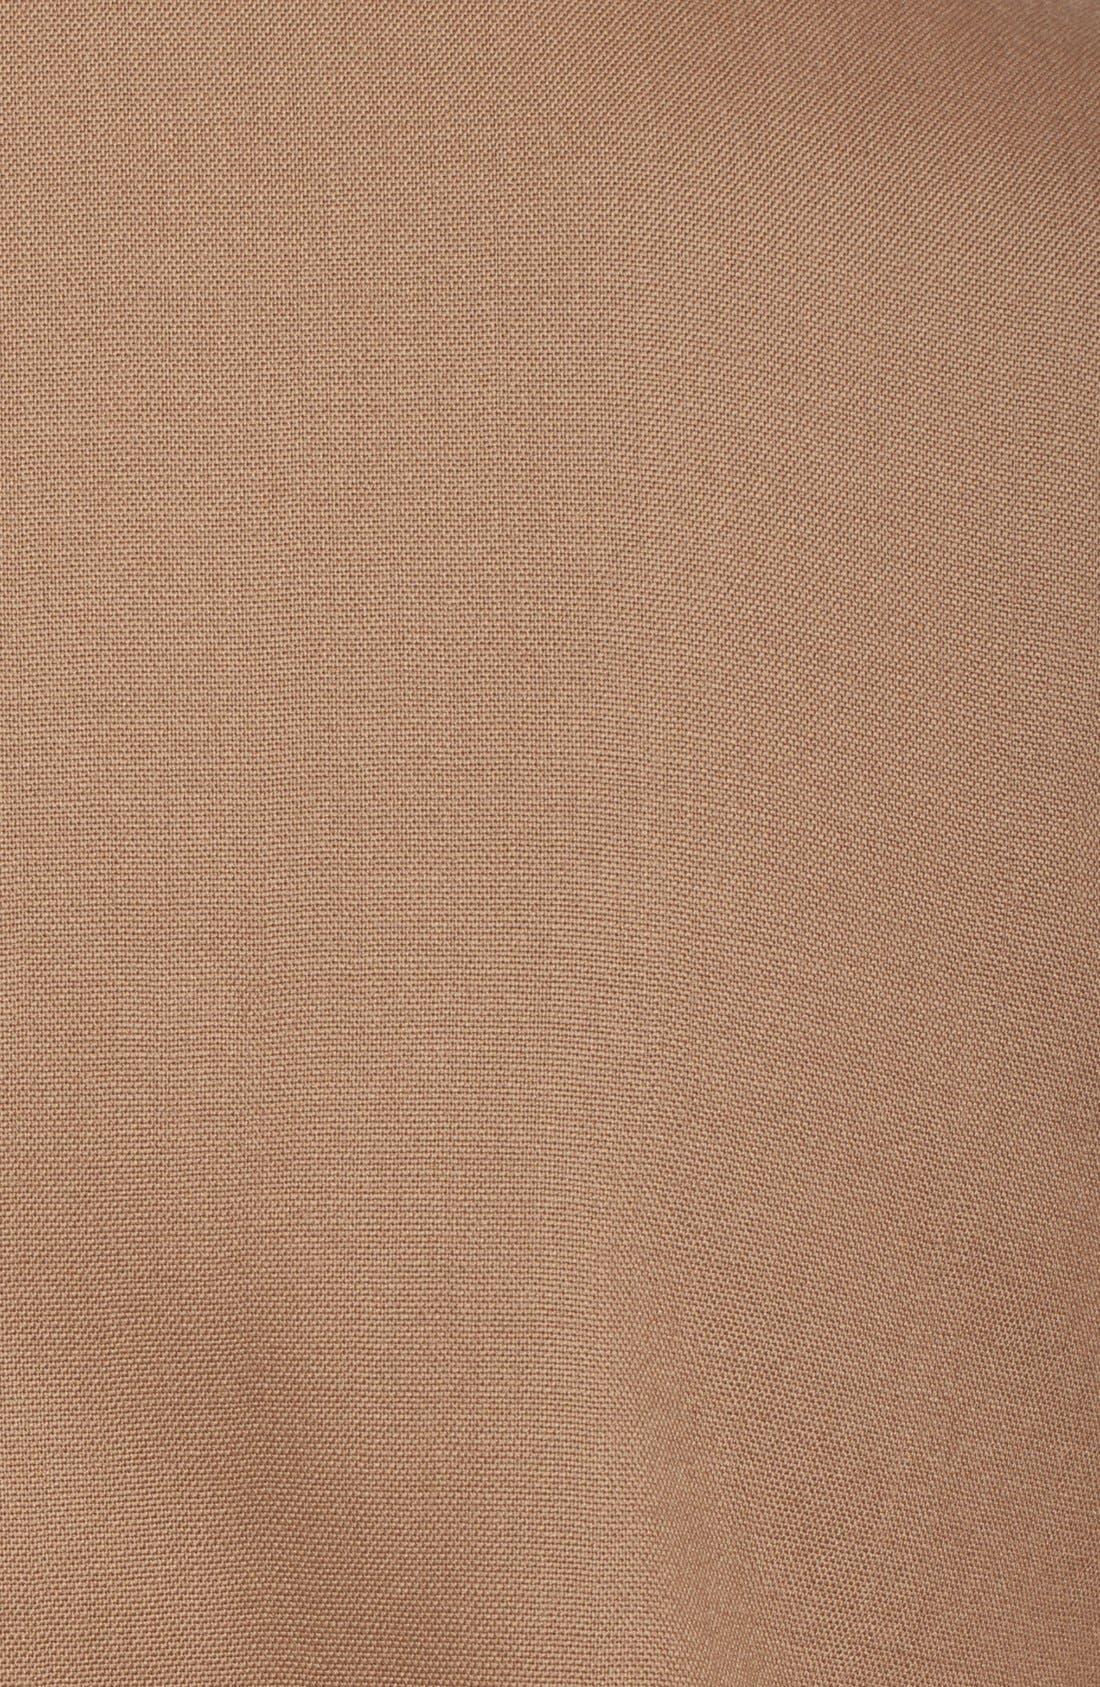 Alternate Image 3  - Jason Wu Stretch Wool Utility Wrap Dress